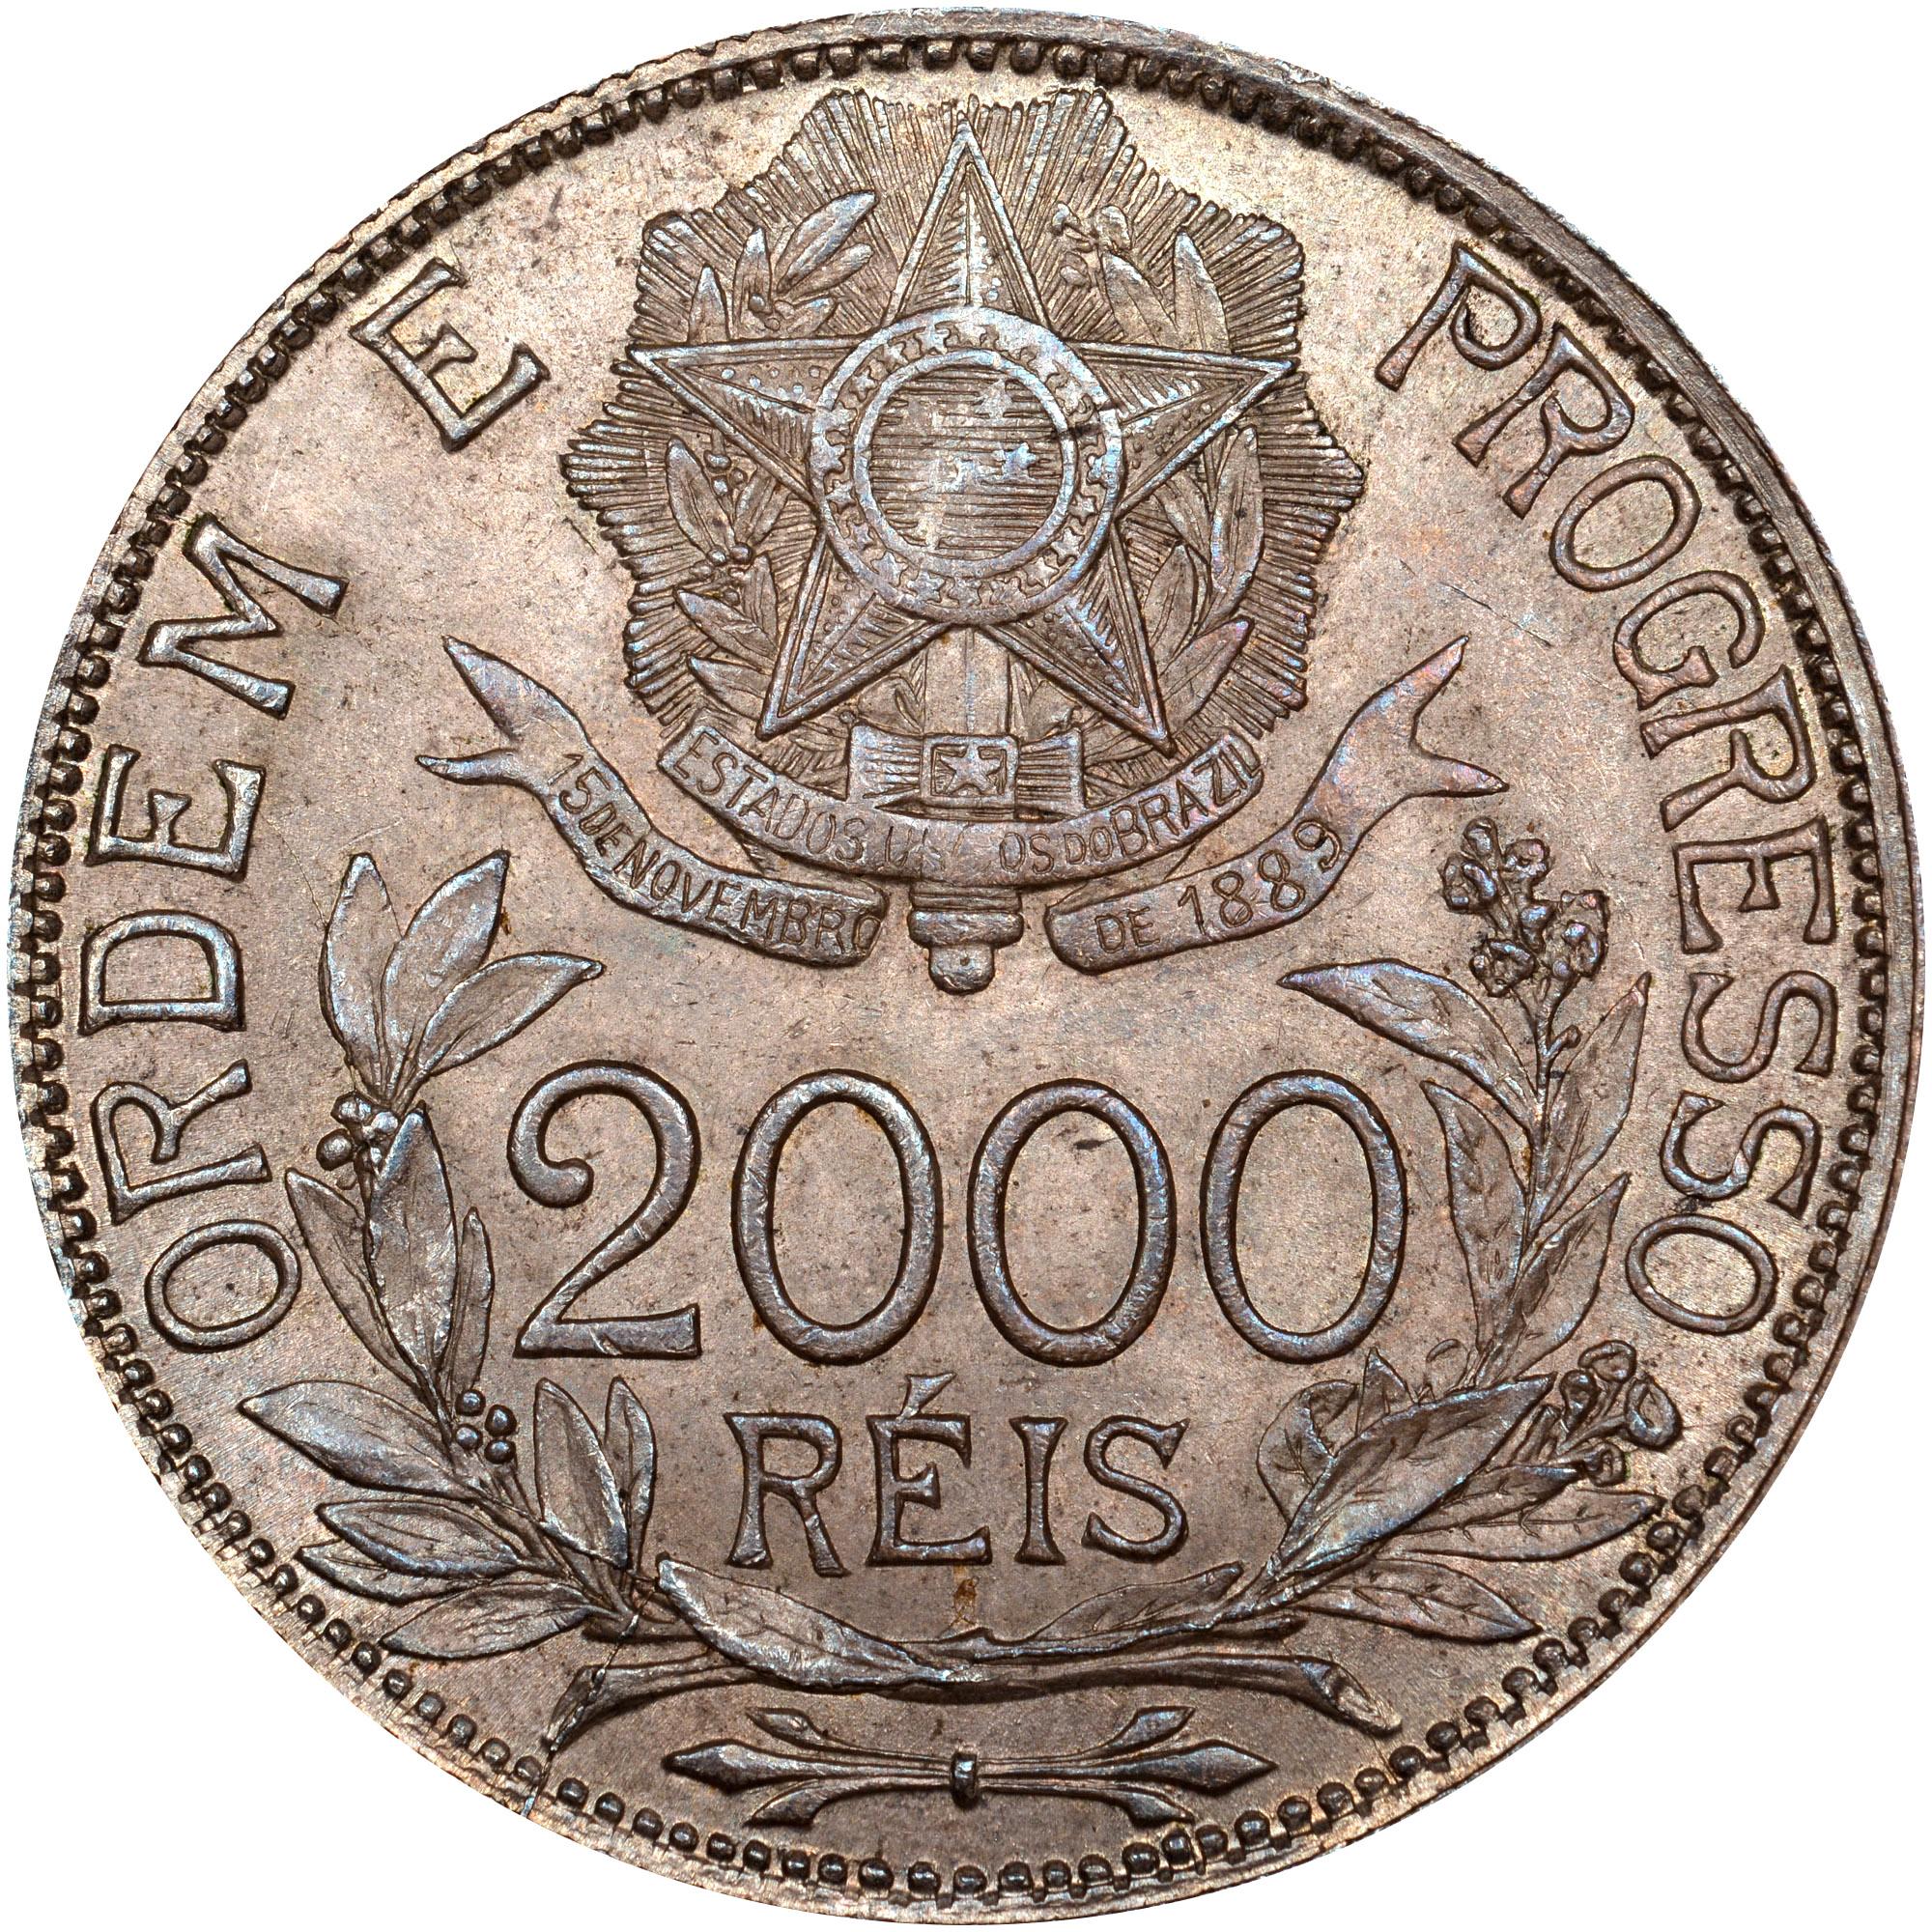 1912-1913 Brazil 2000 Reis reverse